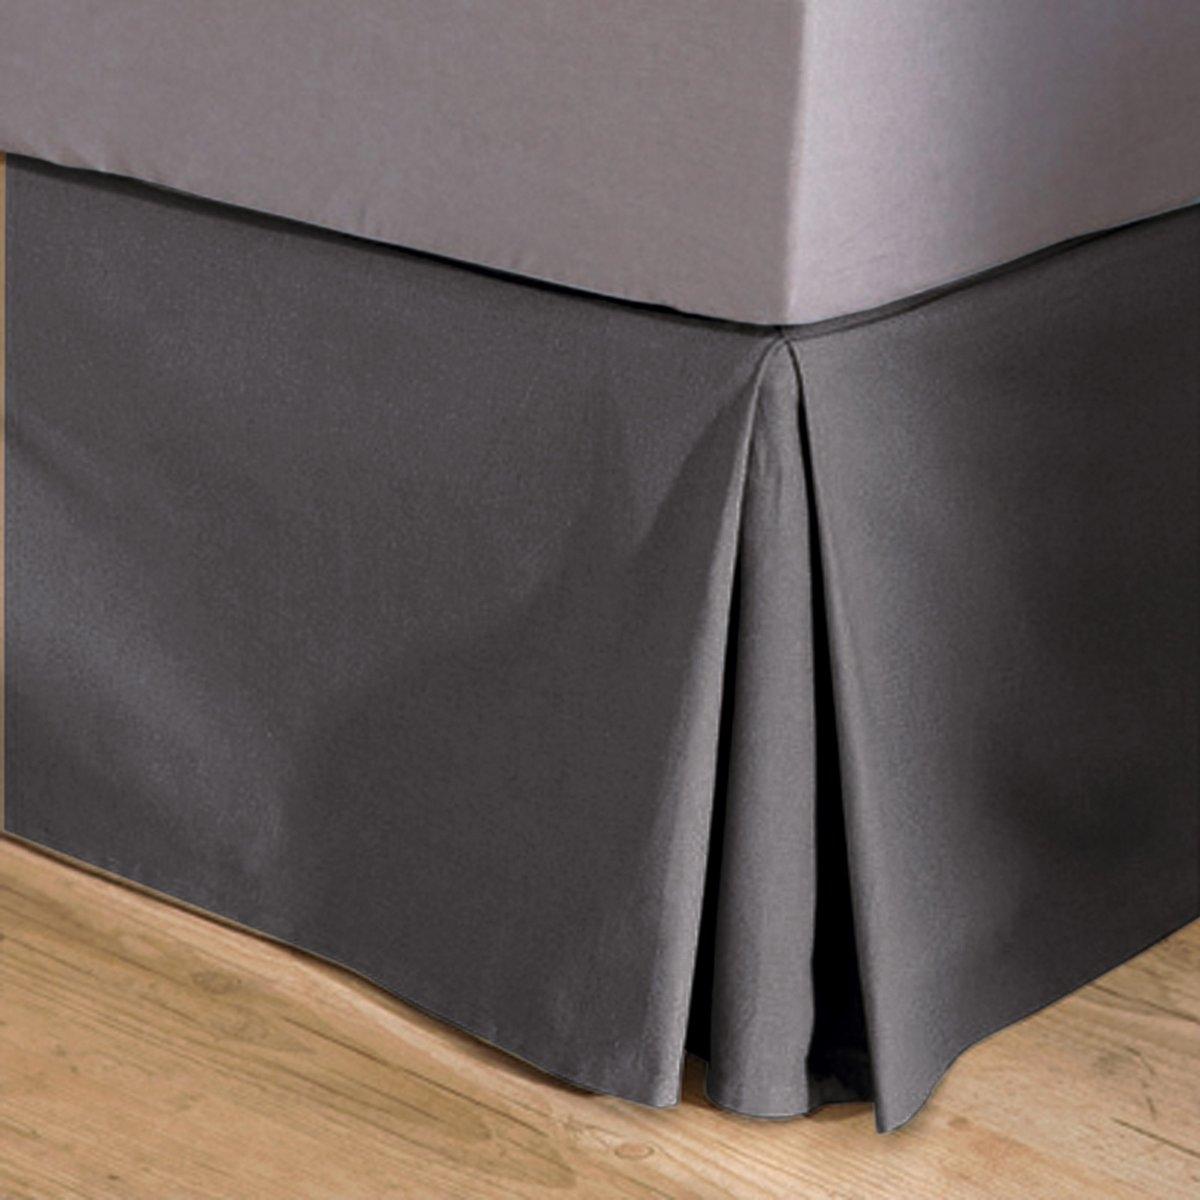 НаматрасникКачество VALEUR S?RE. Плотная, очень прочная и простая в уходе ткань, 100% хлопка (215 г/м?). Изысканная отделка. Закрывает 3 стороны кровати (сторона изголовья не закрыта). Высота боковых клапанов 30 см. Углы со встречными складками. Стирка при 40°.<br><br>Цвет: антрацит,белый,медовый,облачно-серый,розовая пудра,серо-коричневый каштан,сине-зеленый,синий индиго,сливовый,черный,экрю<br>Размер: 90 x 190 см.140 x 190  см.160 x 200 см.90 x 190 см.90 x 190 см.140 x 190  см.140 x 190  см.160 x 200 см